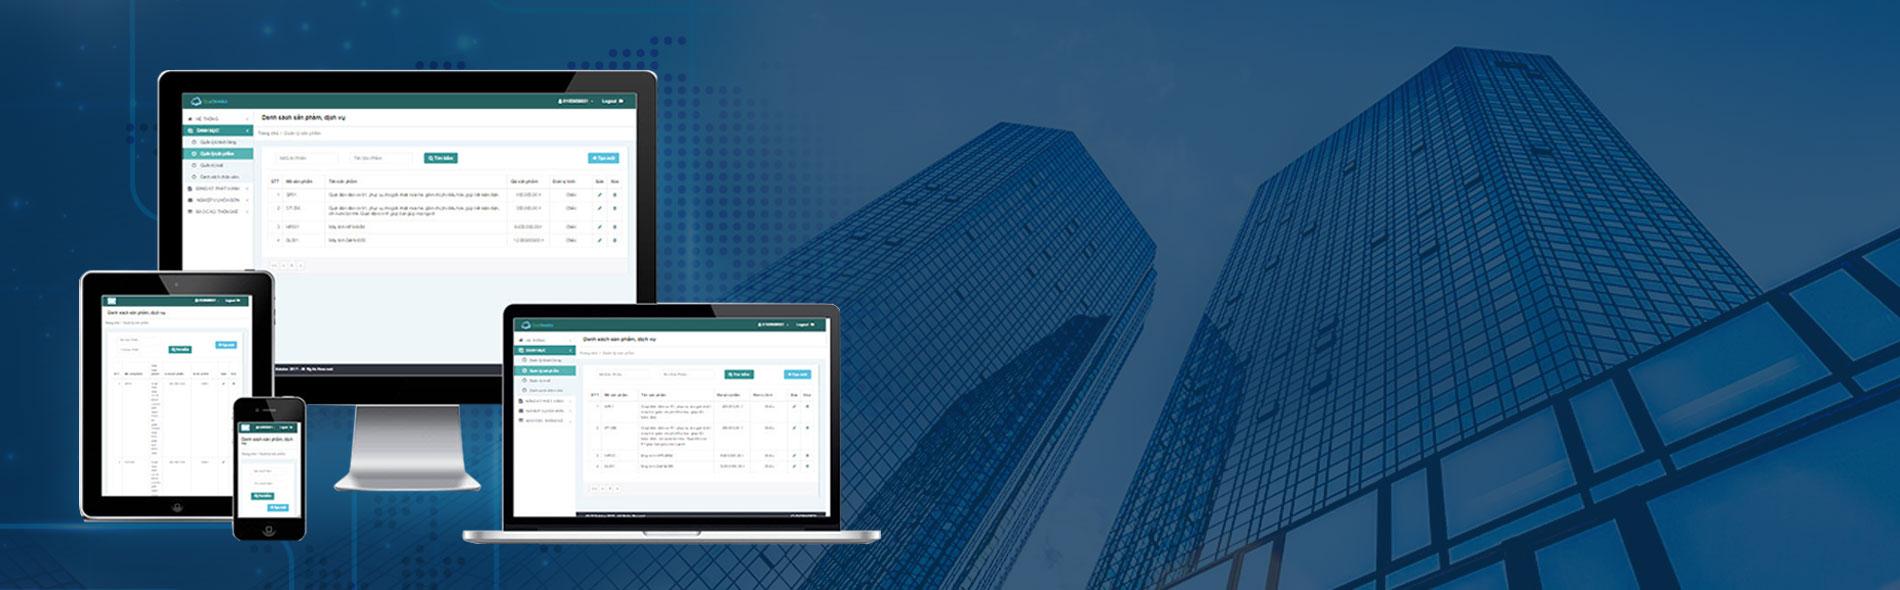 Sử dụng miễn phí trọn đời phần mềm hóa đơn điện tử